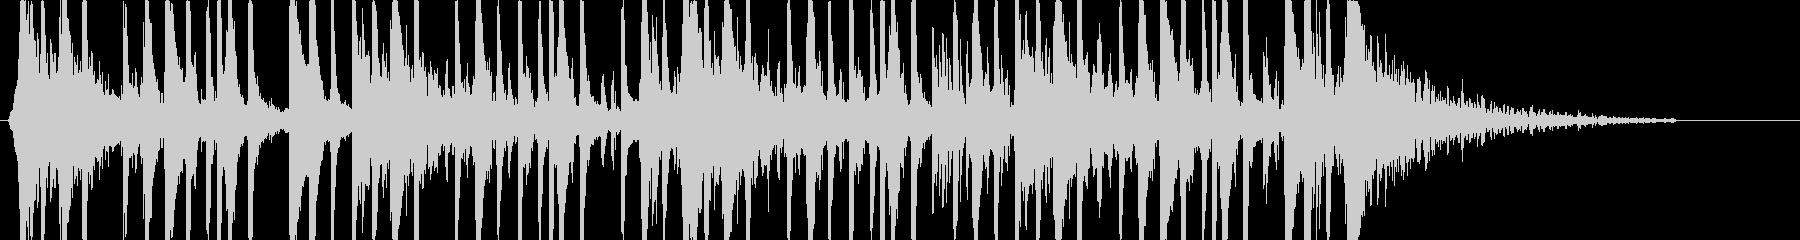 CM映像向けドラムとクラップのストンプ曲の未再生の波形